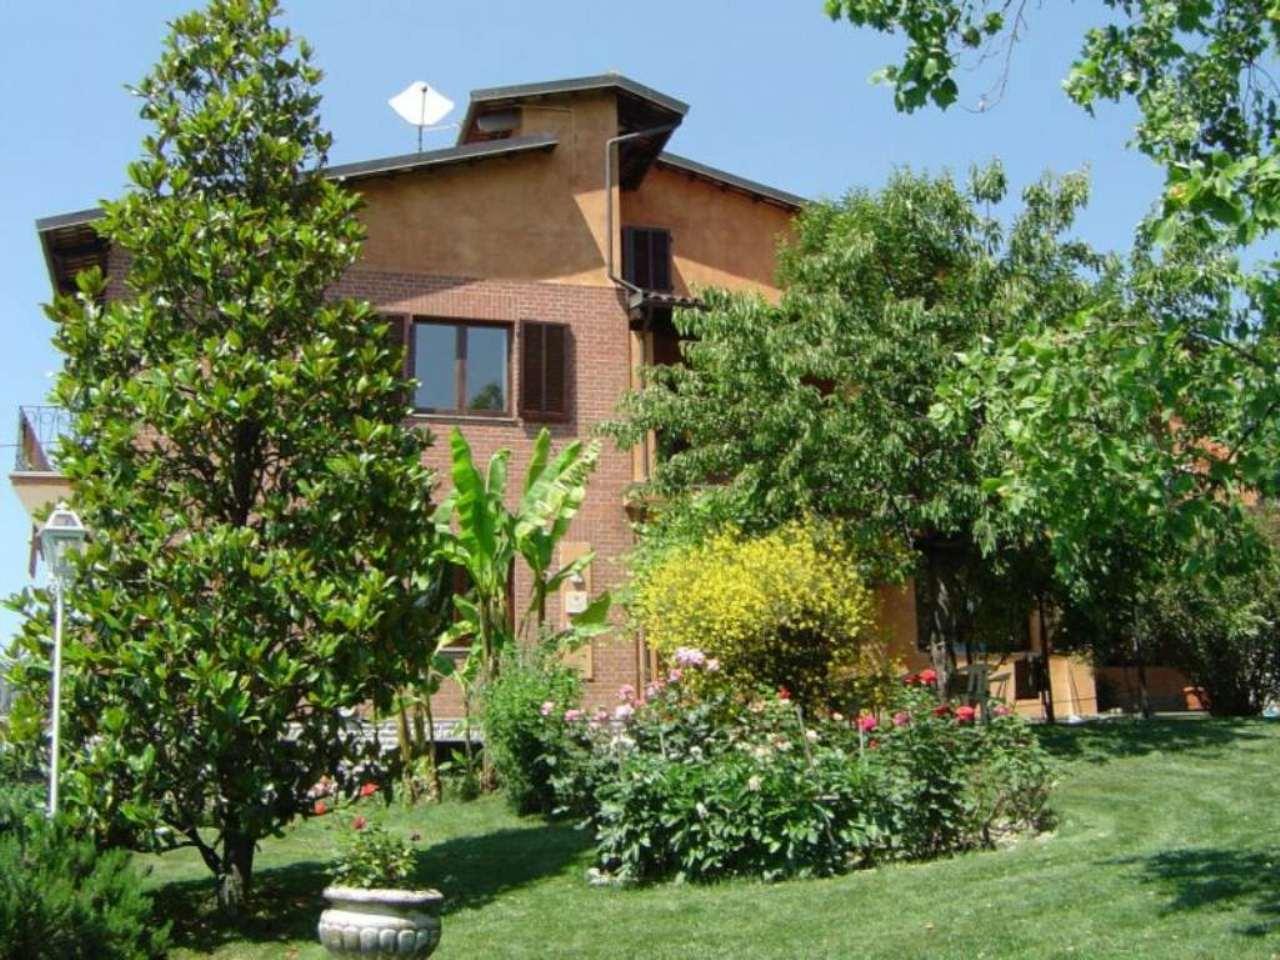 Villa in vendita a La Morra, 9 locali, Trattative riservate | Cambio Casa.it